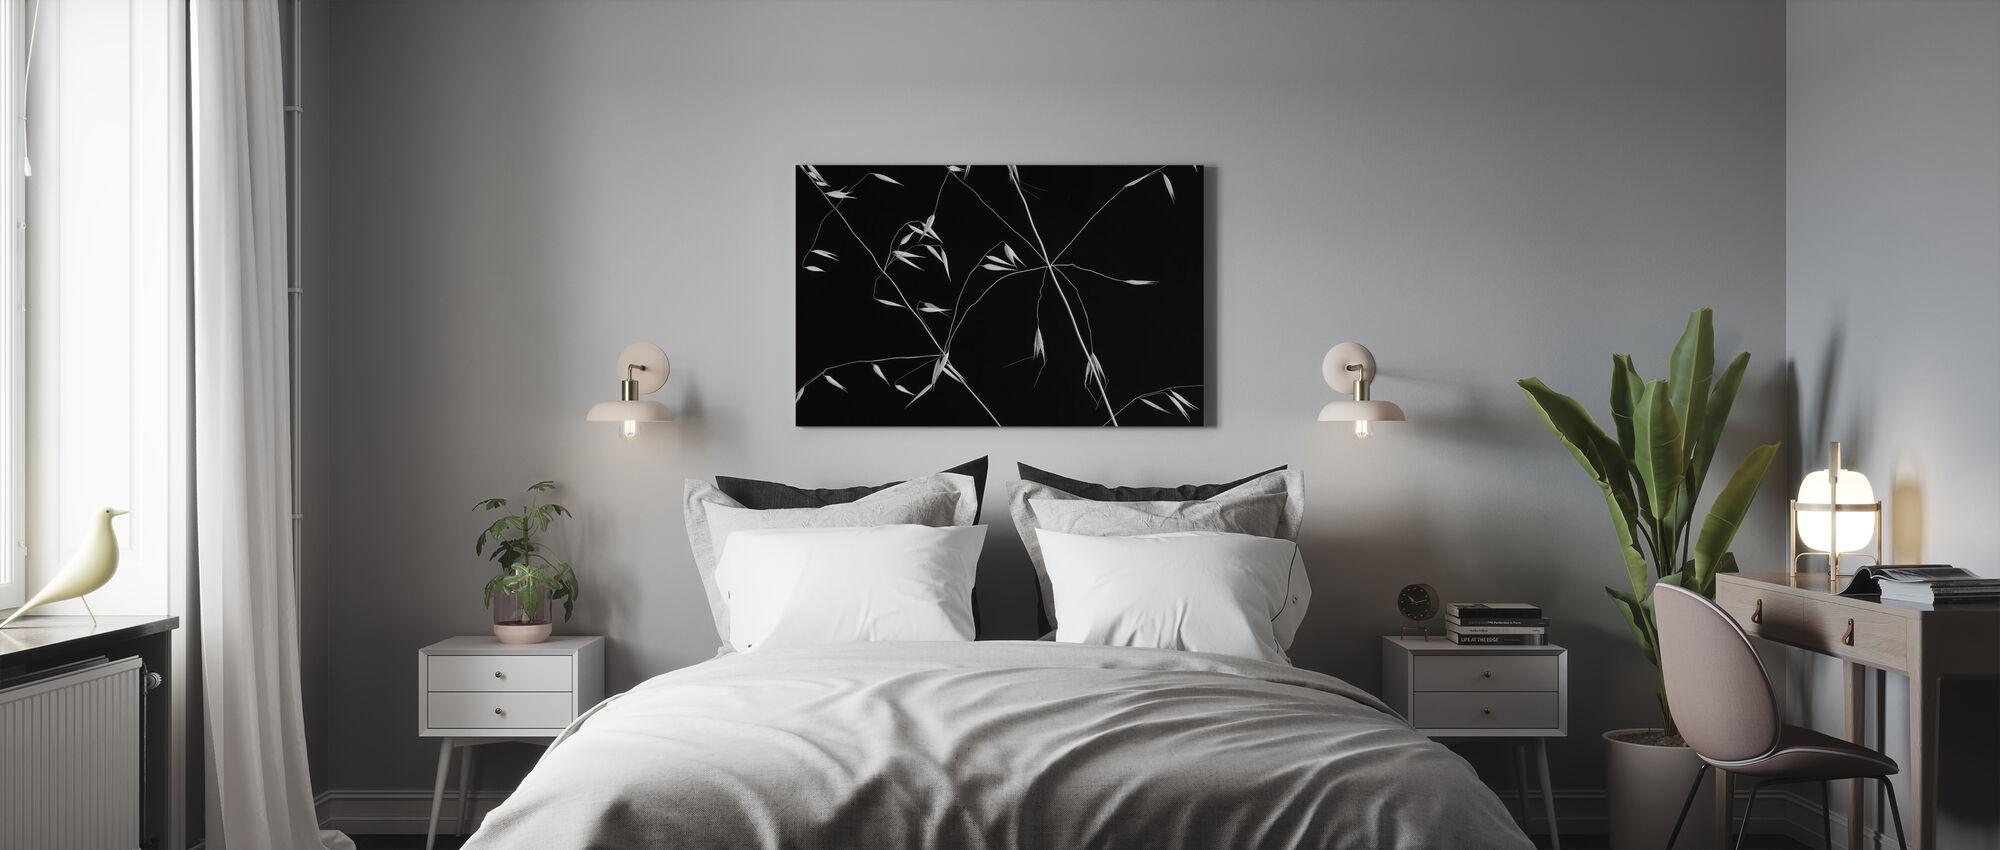 Crossed Lines - Canvas print - Bedroom